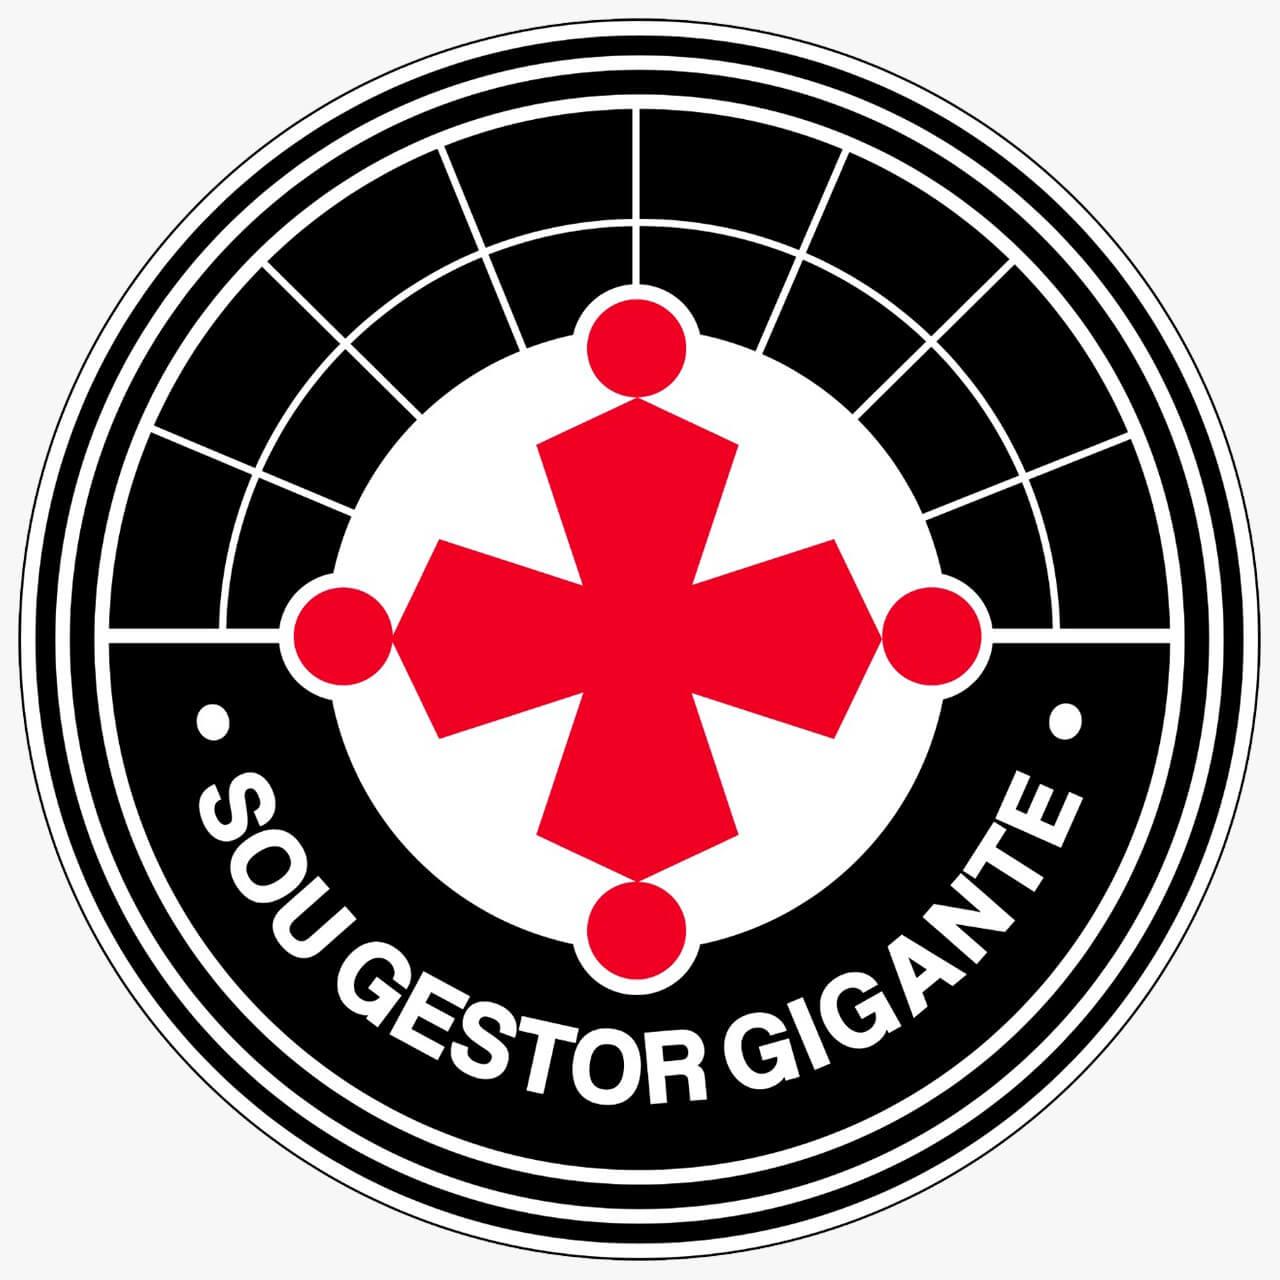 Projeto Sou Gestor Gigante foi idealizado por Diogo Santos